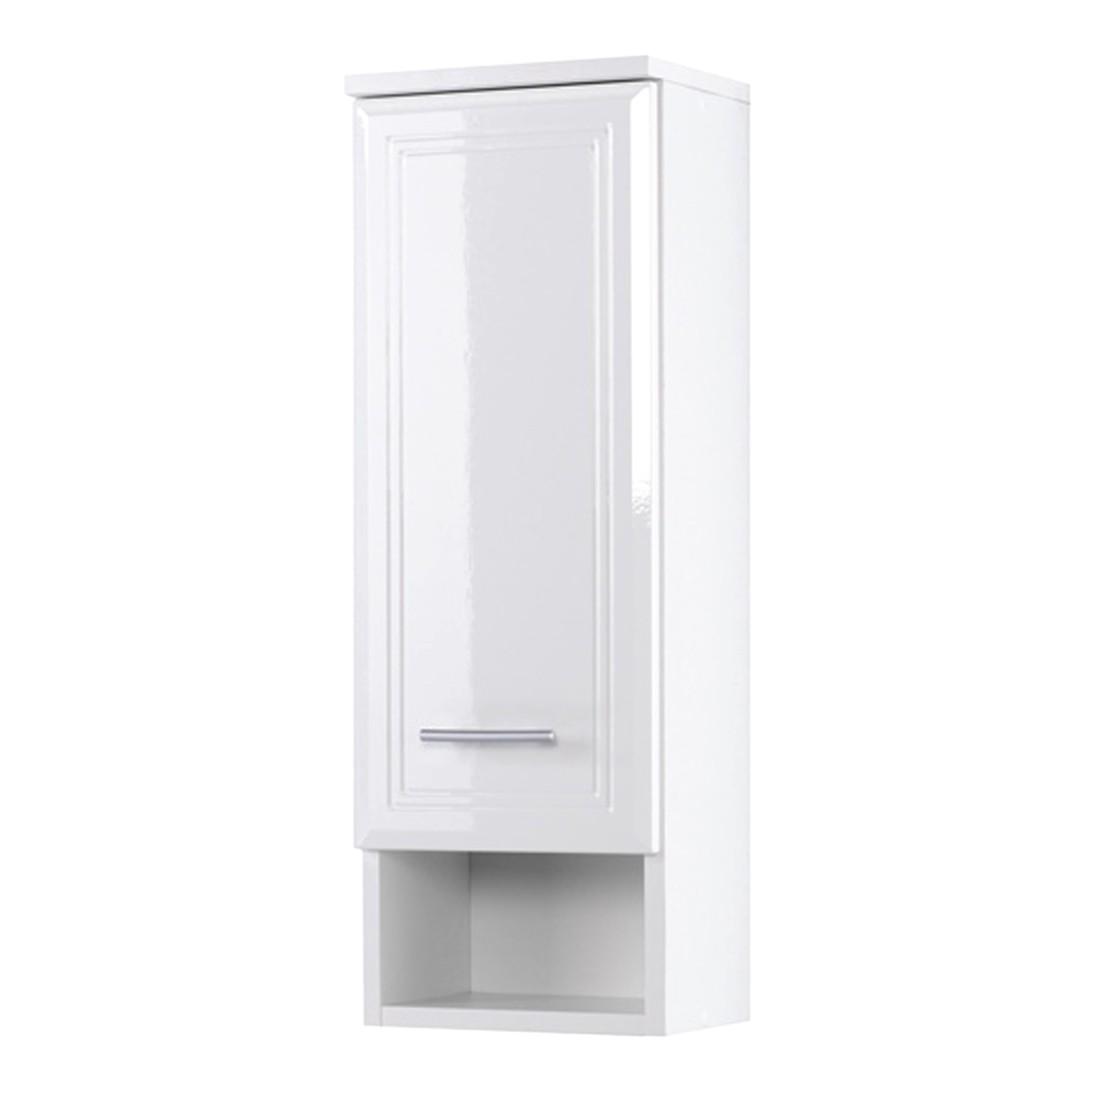 Hangkast Poseidon wit 1-deur wit, Giessbach